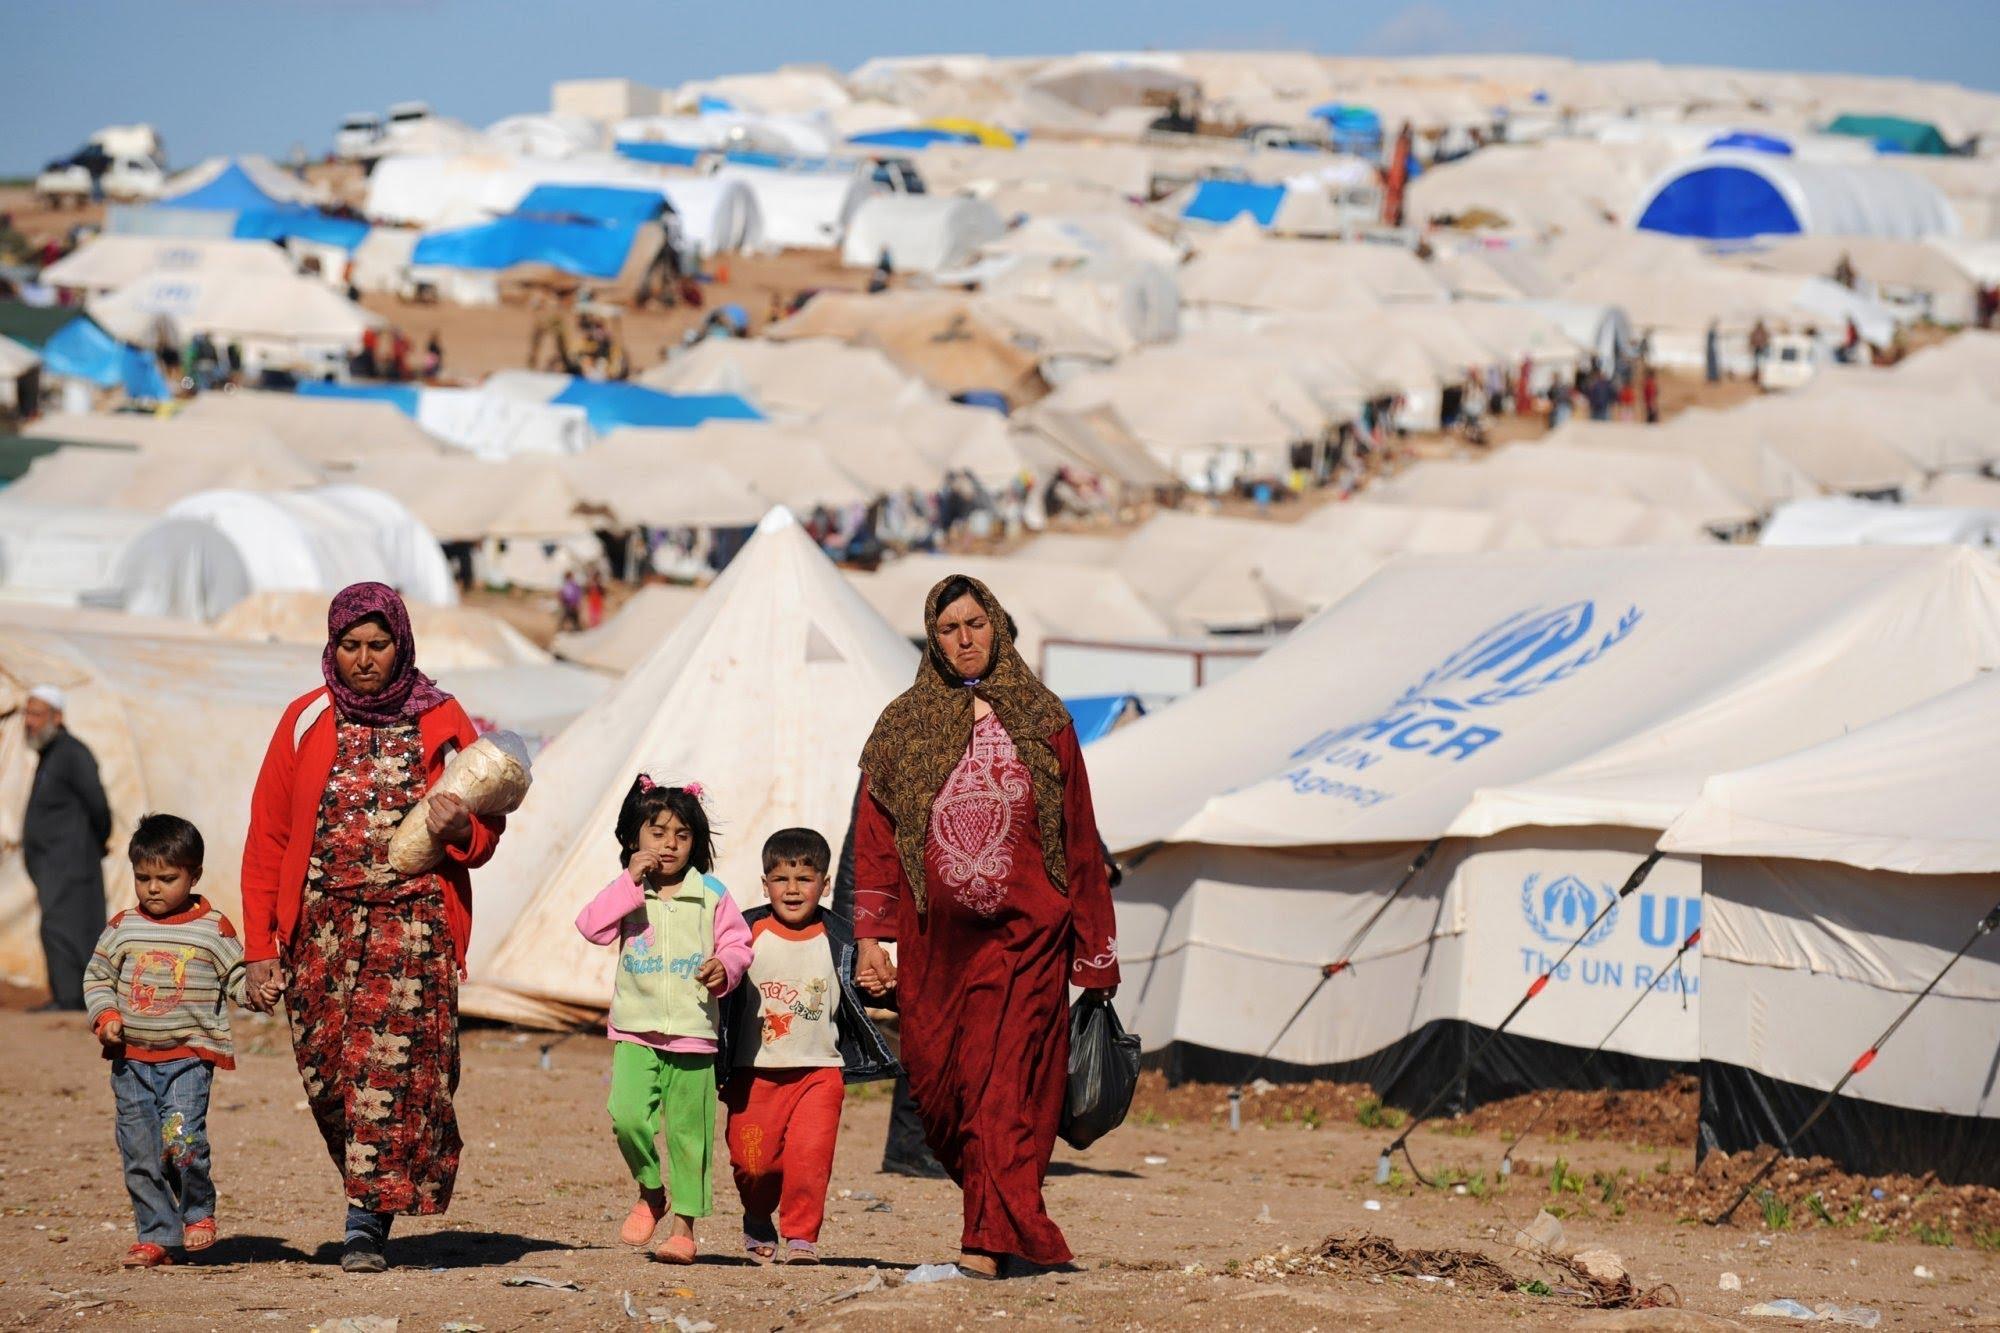 Accesso legale e sicuro per i richiedenti asilo tra reinsediamenti e corridoi umanitari